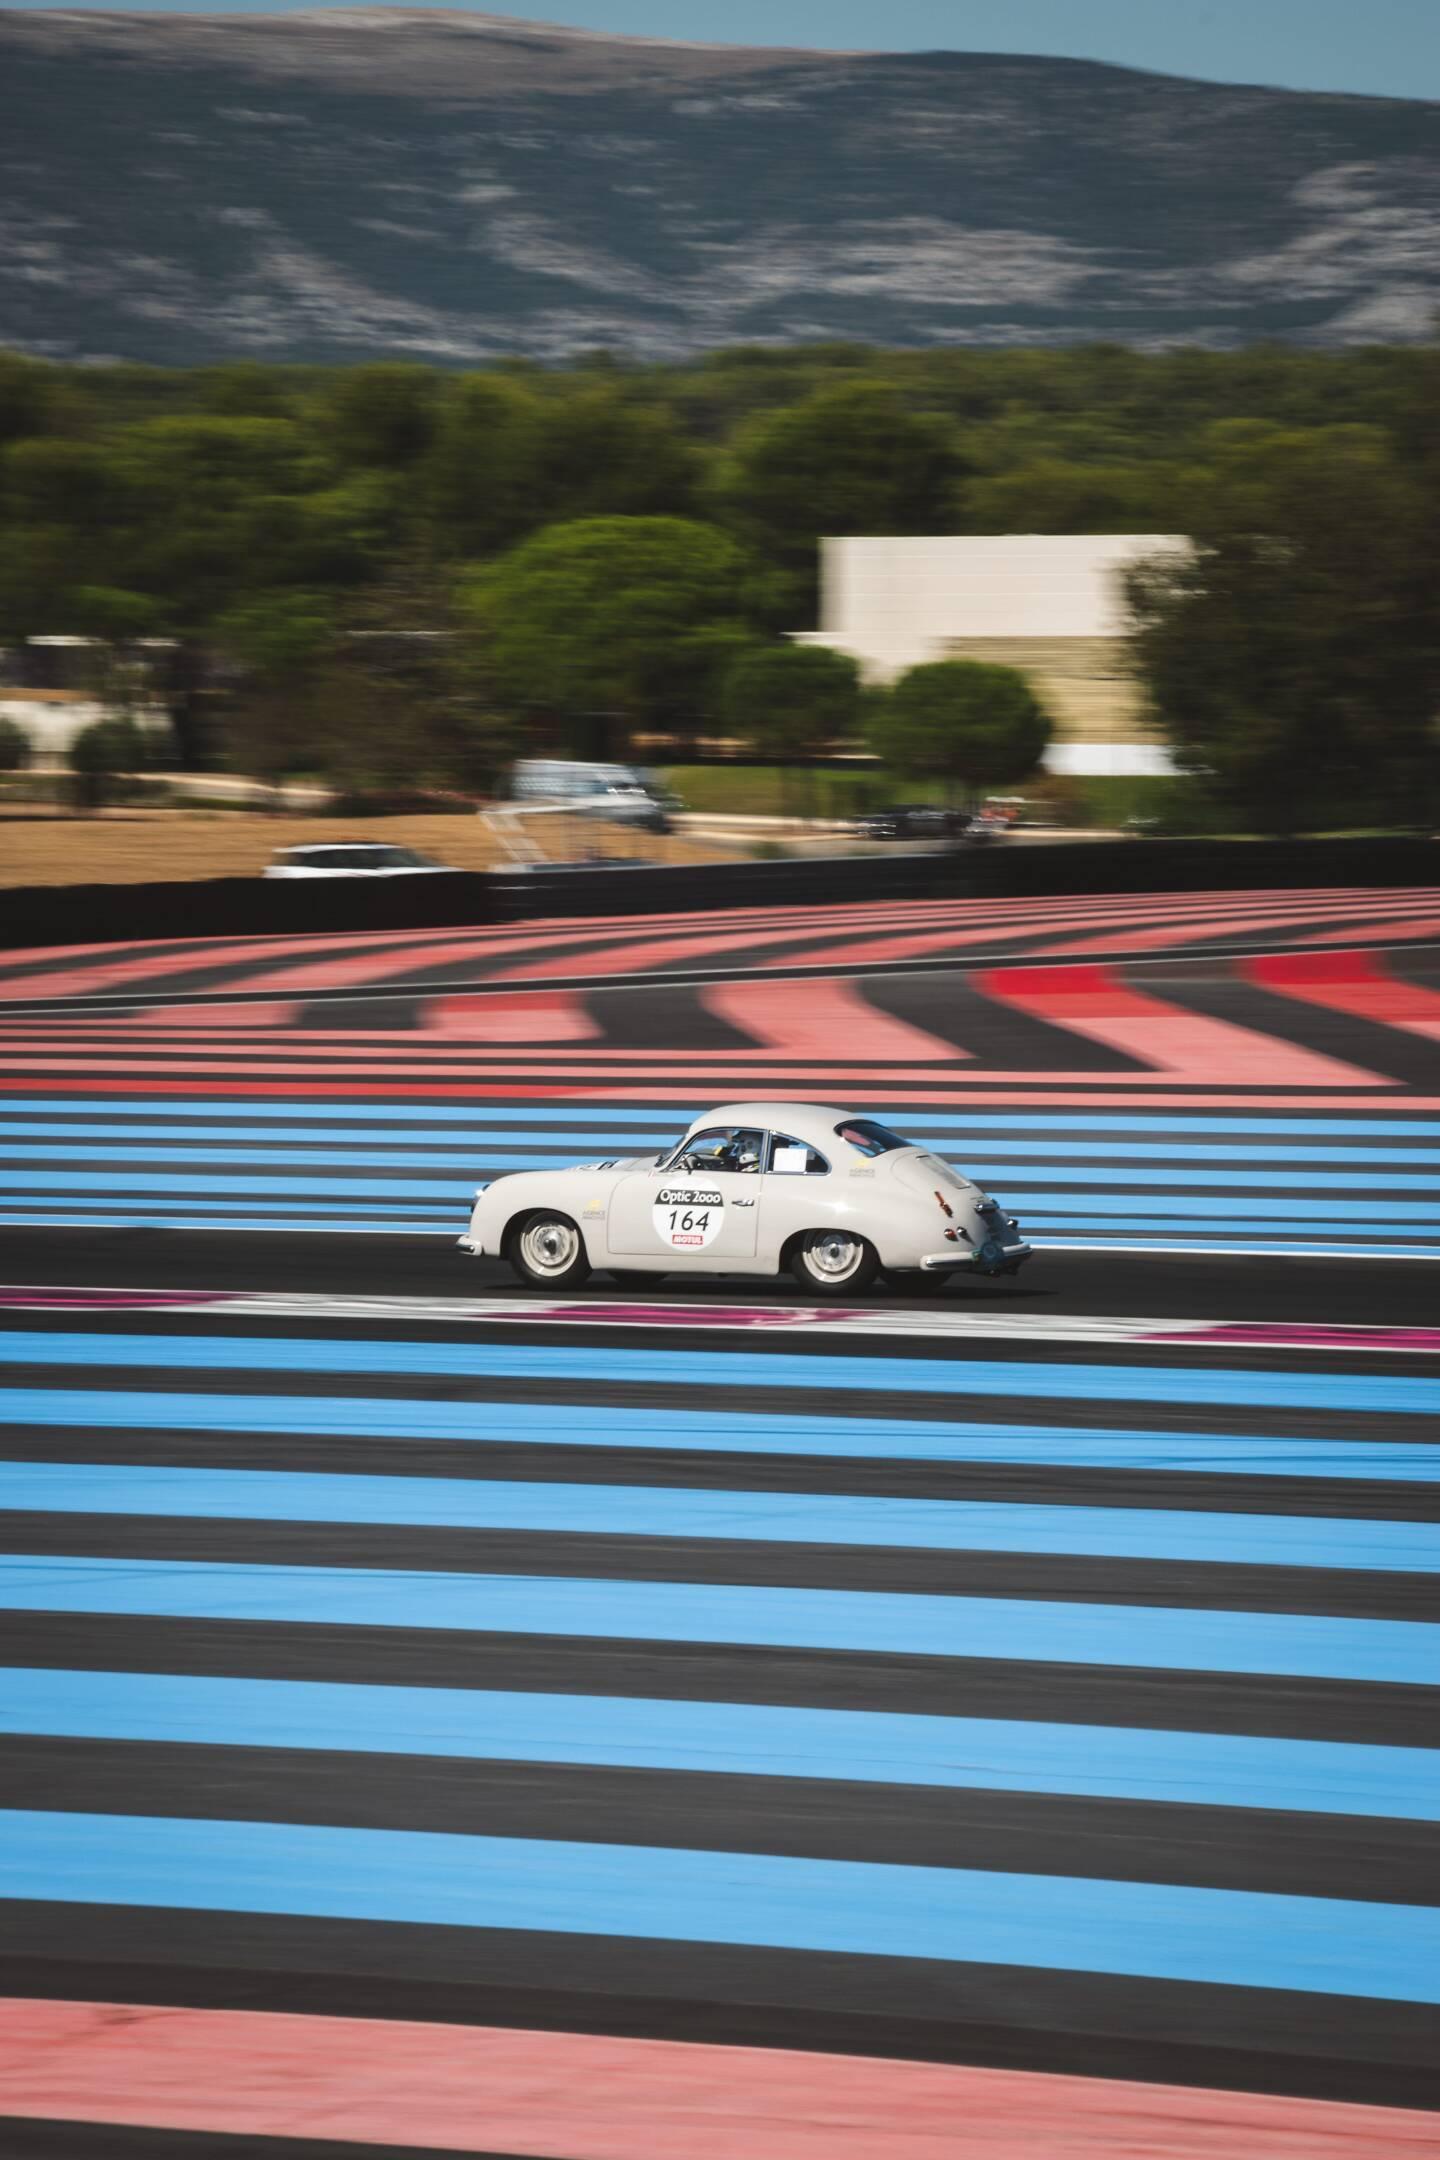 Le Tour Auto 2021 se déroulera du 30 août au 4 septembre. Il a été reporté de quatre mois. Il s'achèvera à Nice et passera par le circuit Paul-Ricard au Castellet.